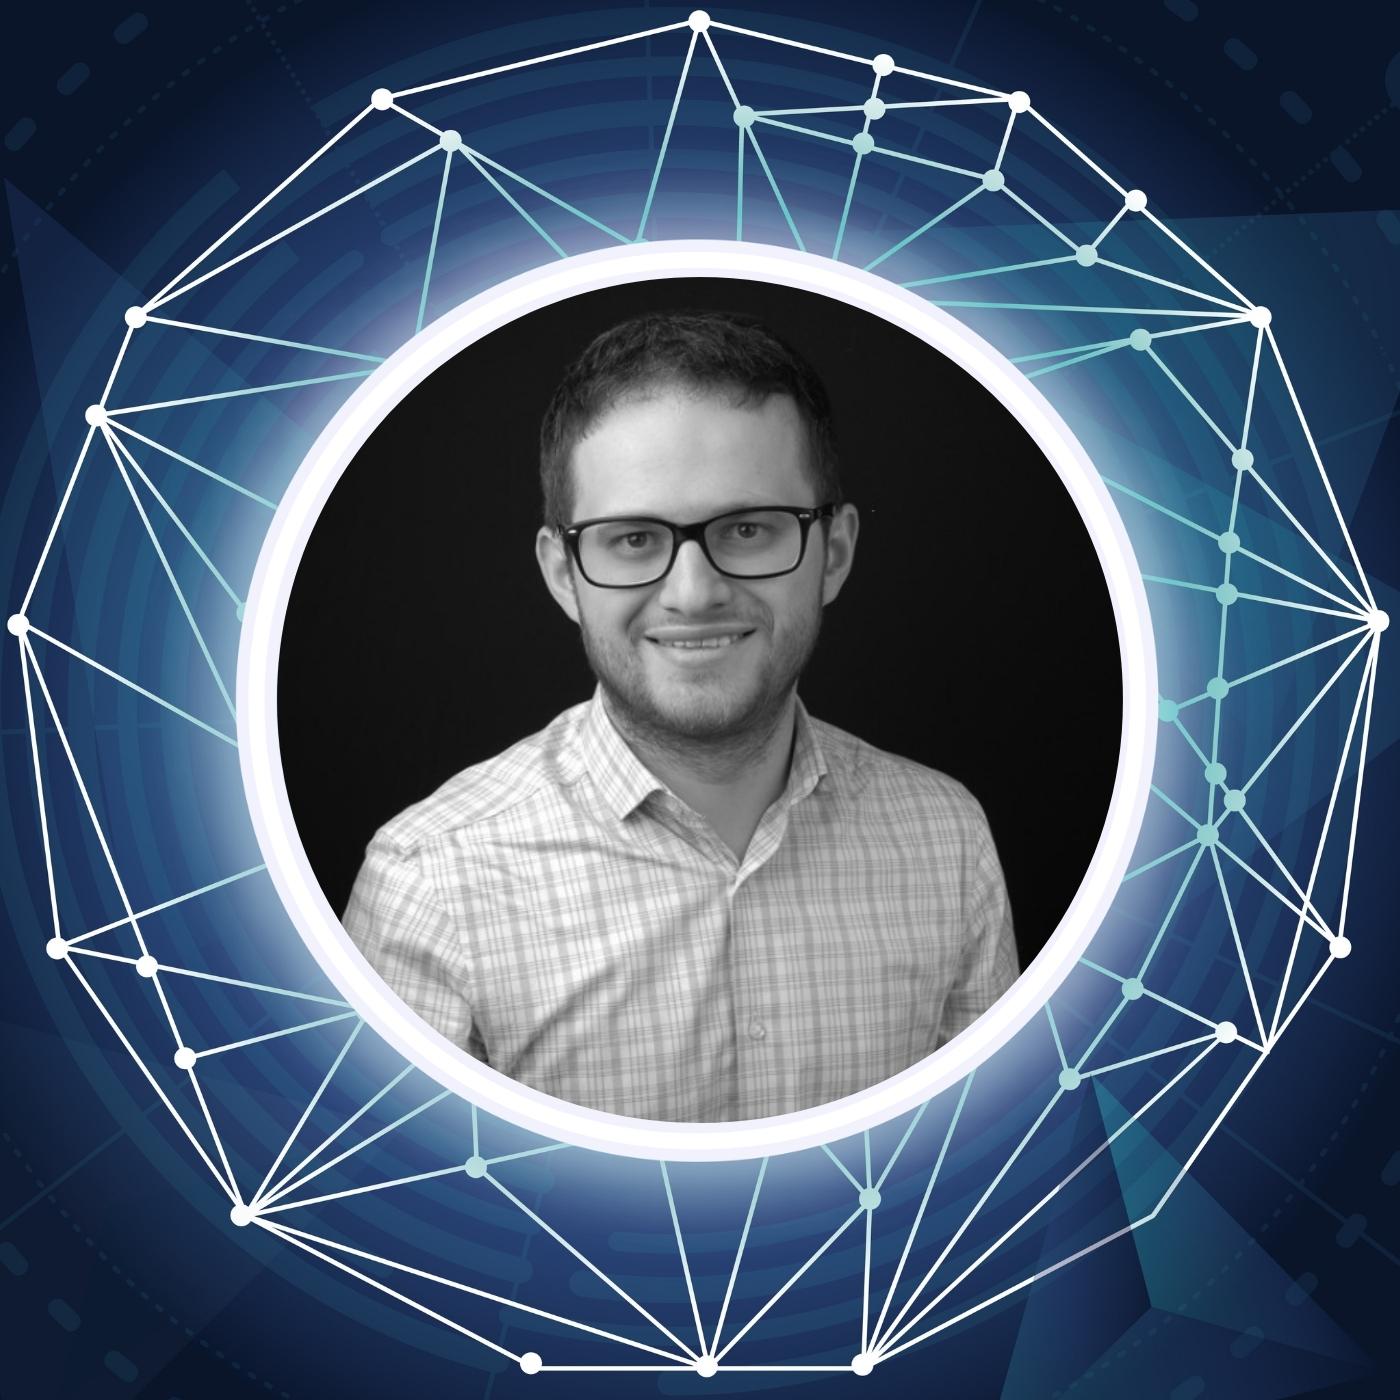 How This Startup Founder Plans To Hit $10 Million - Aleksandr Volodarsky of Lemon.io